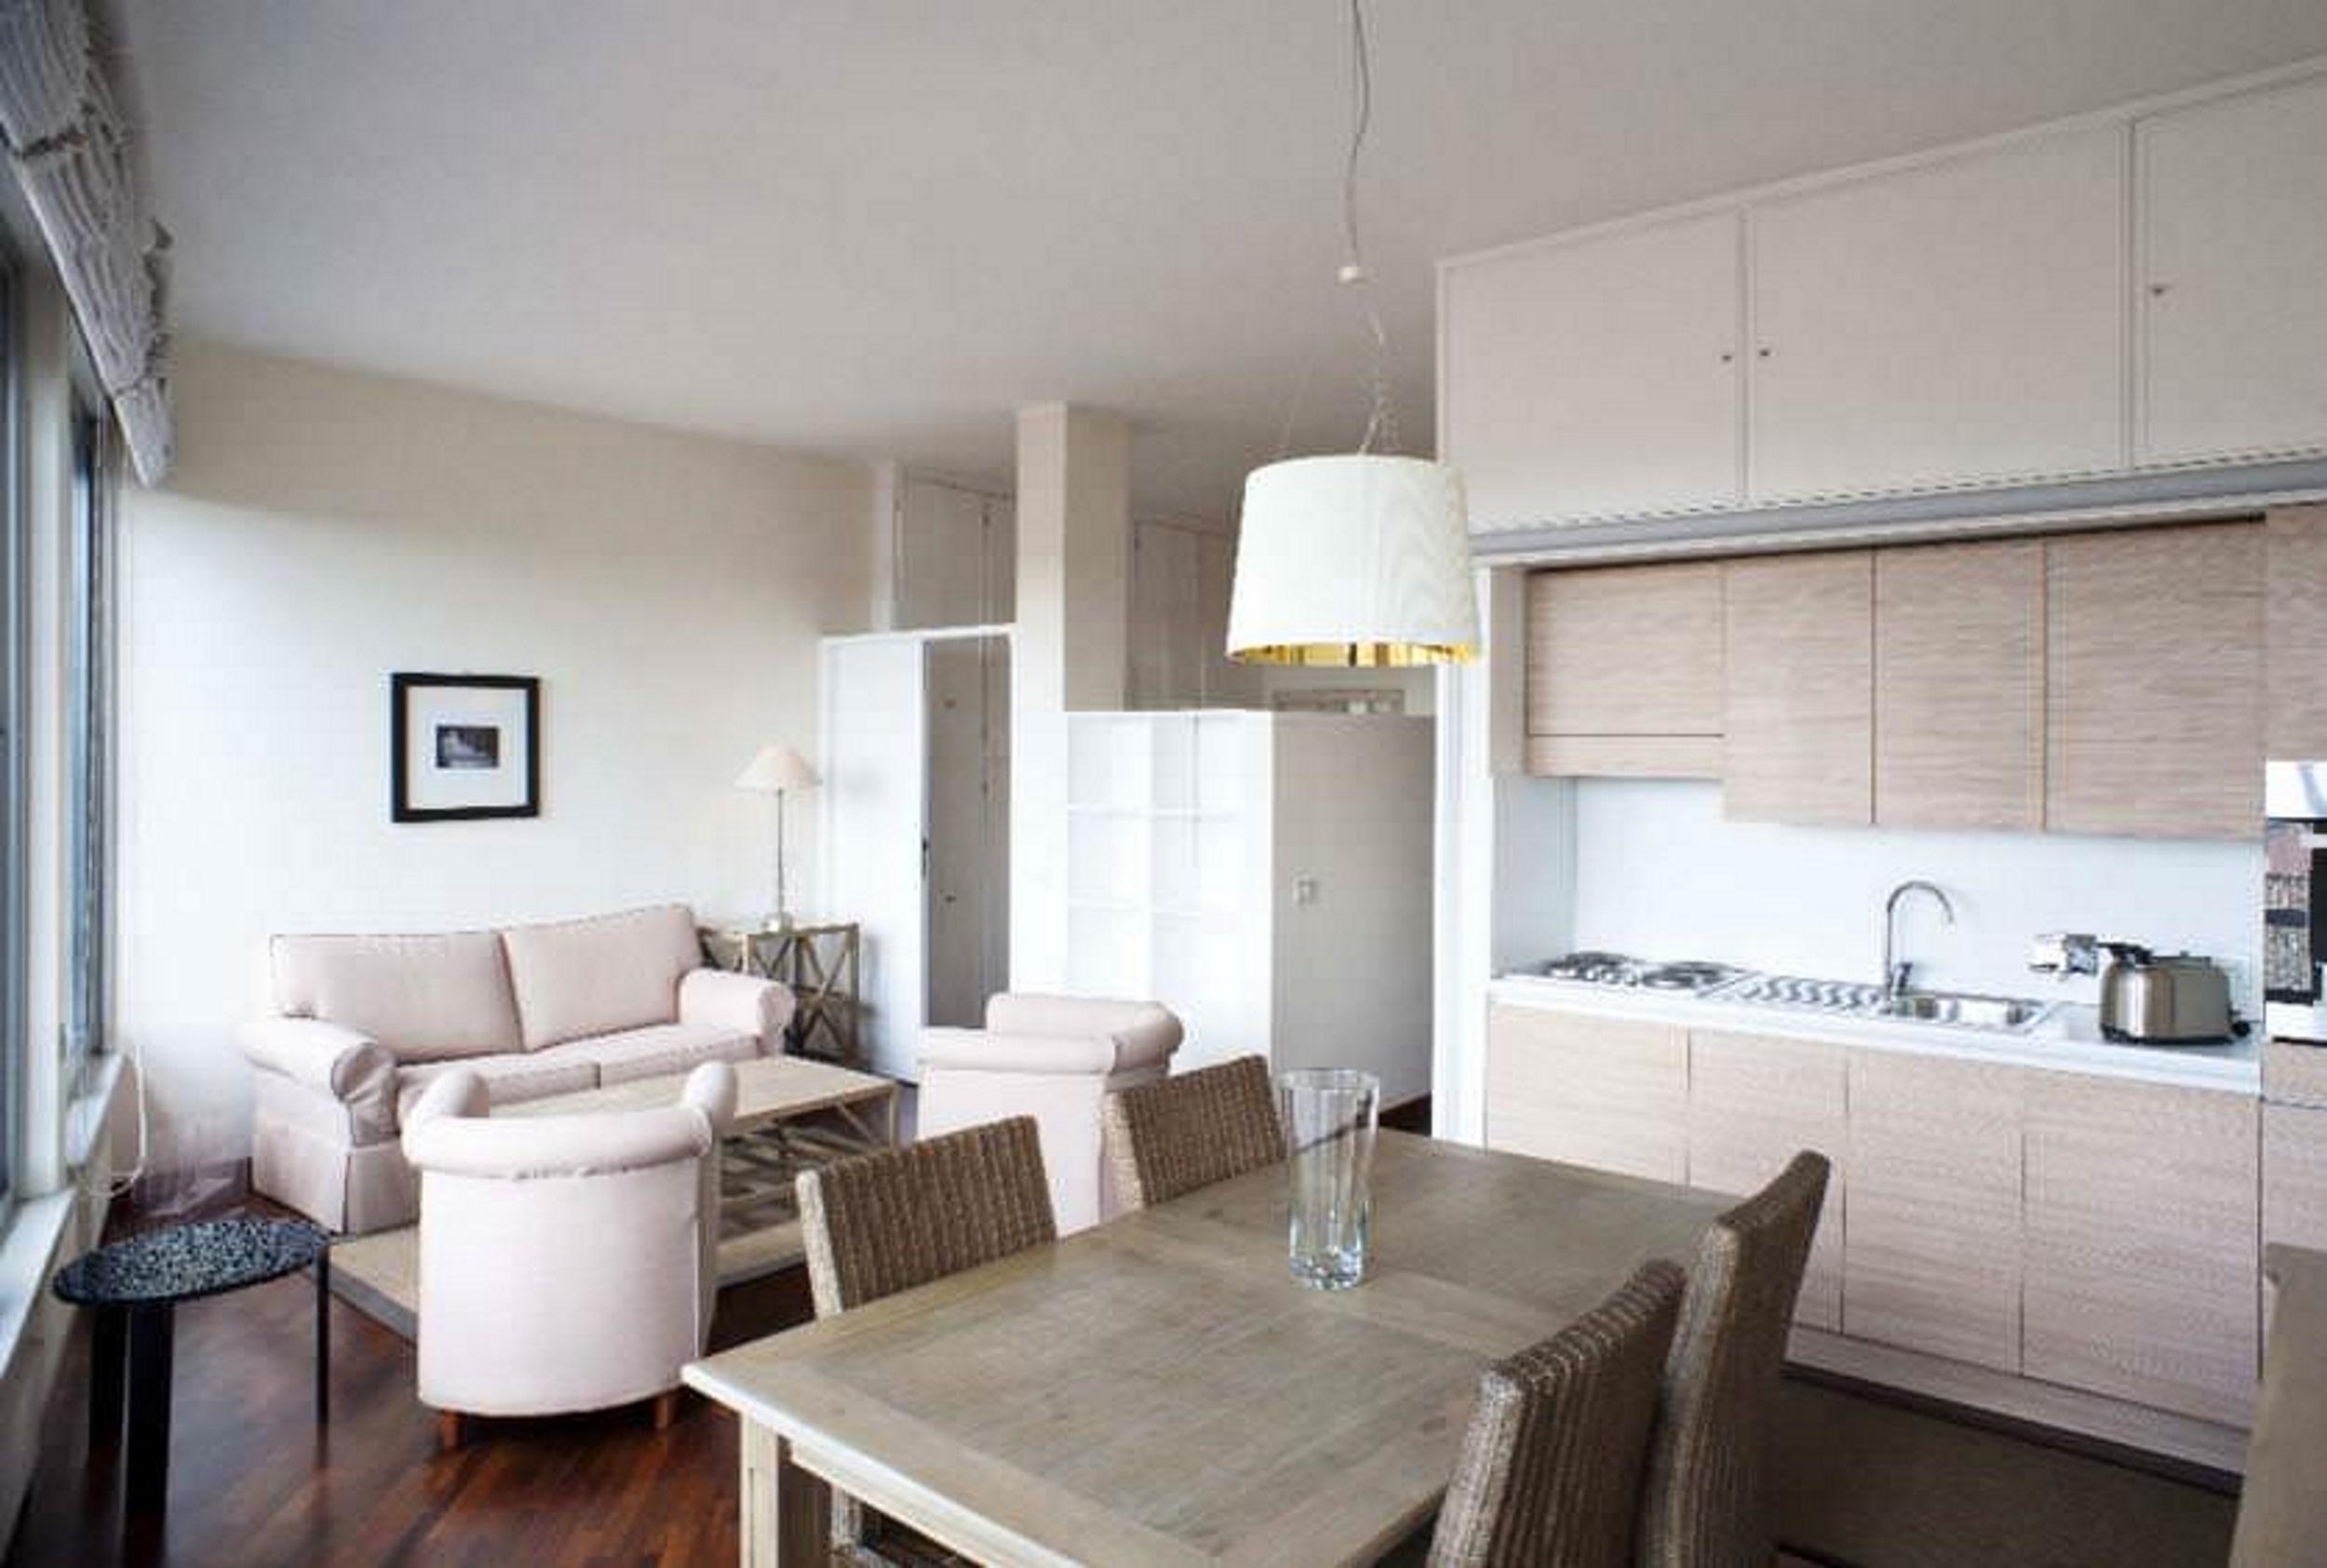 Legnaro rif b5 vendesi appartamento 2 camere errezeta - Soggiorno cucina a vista ...